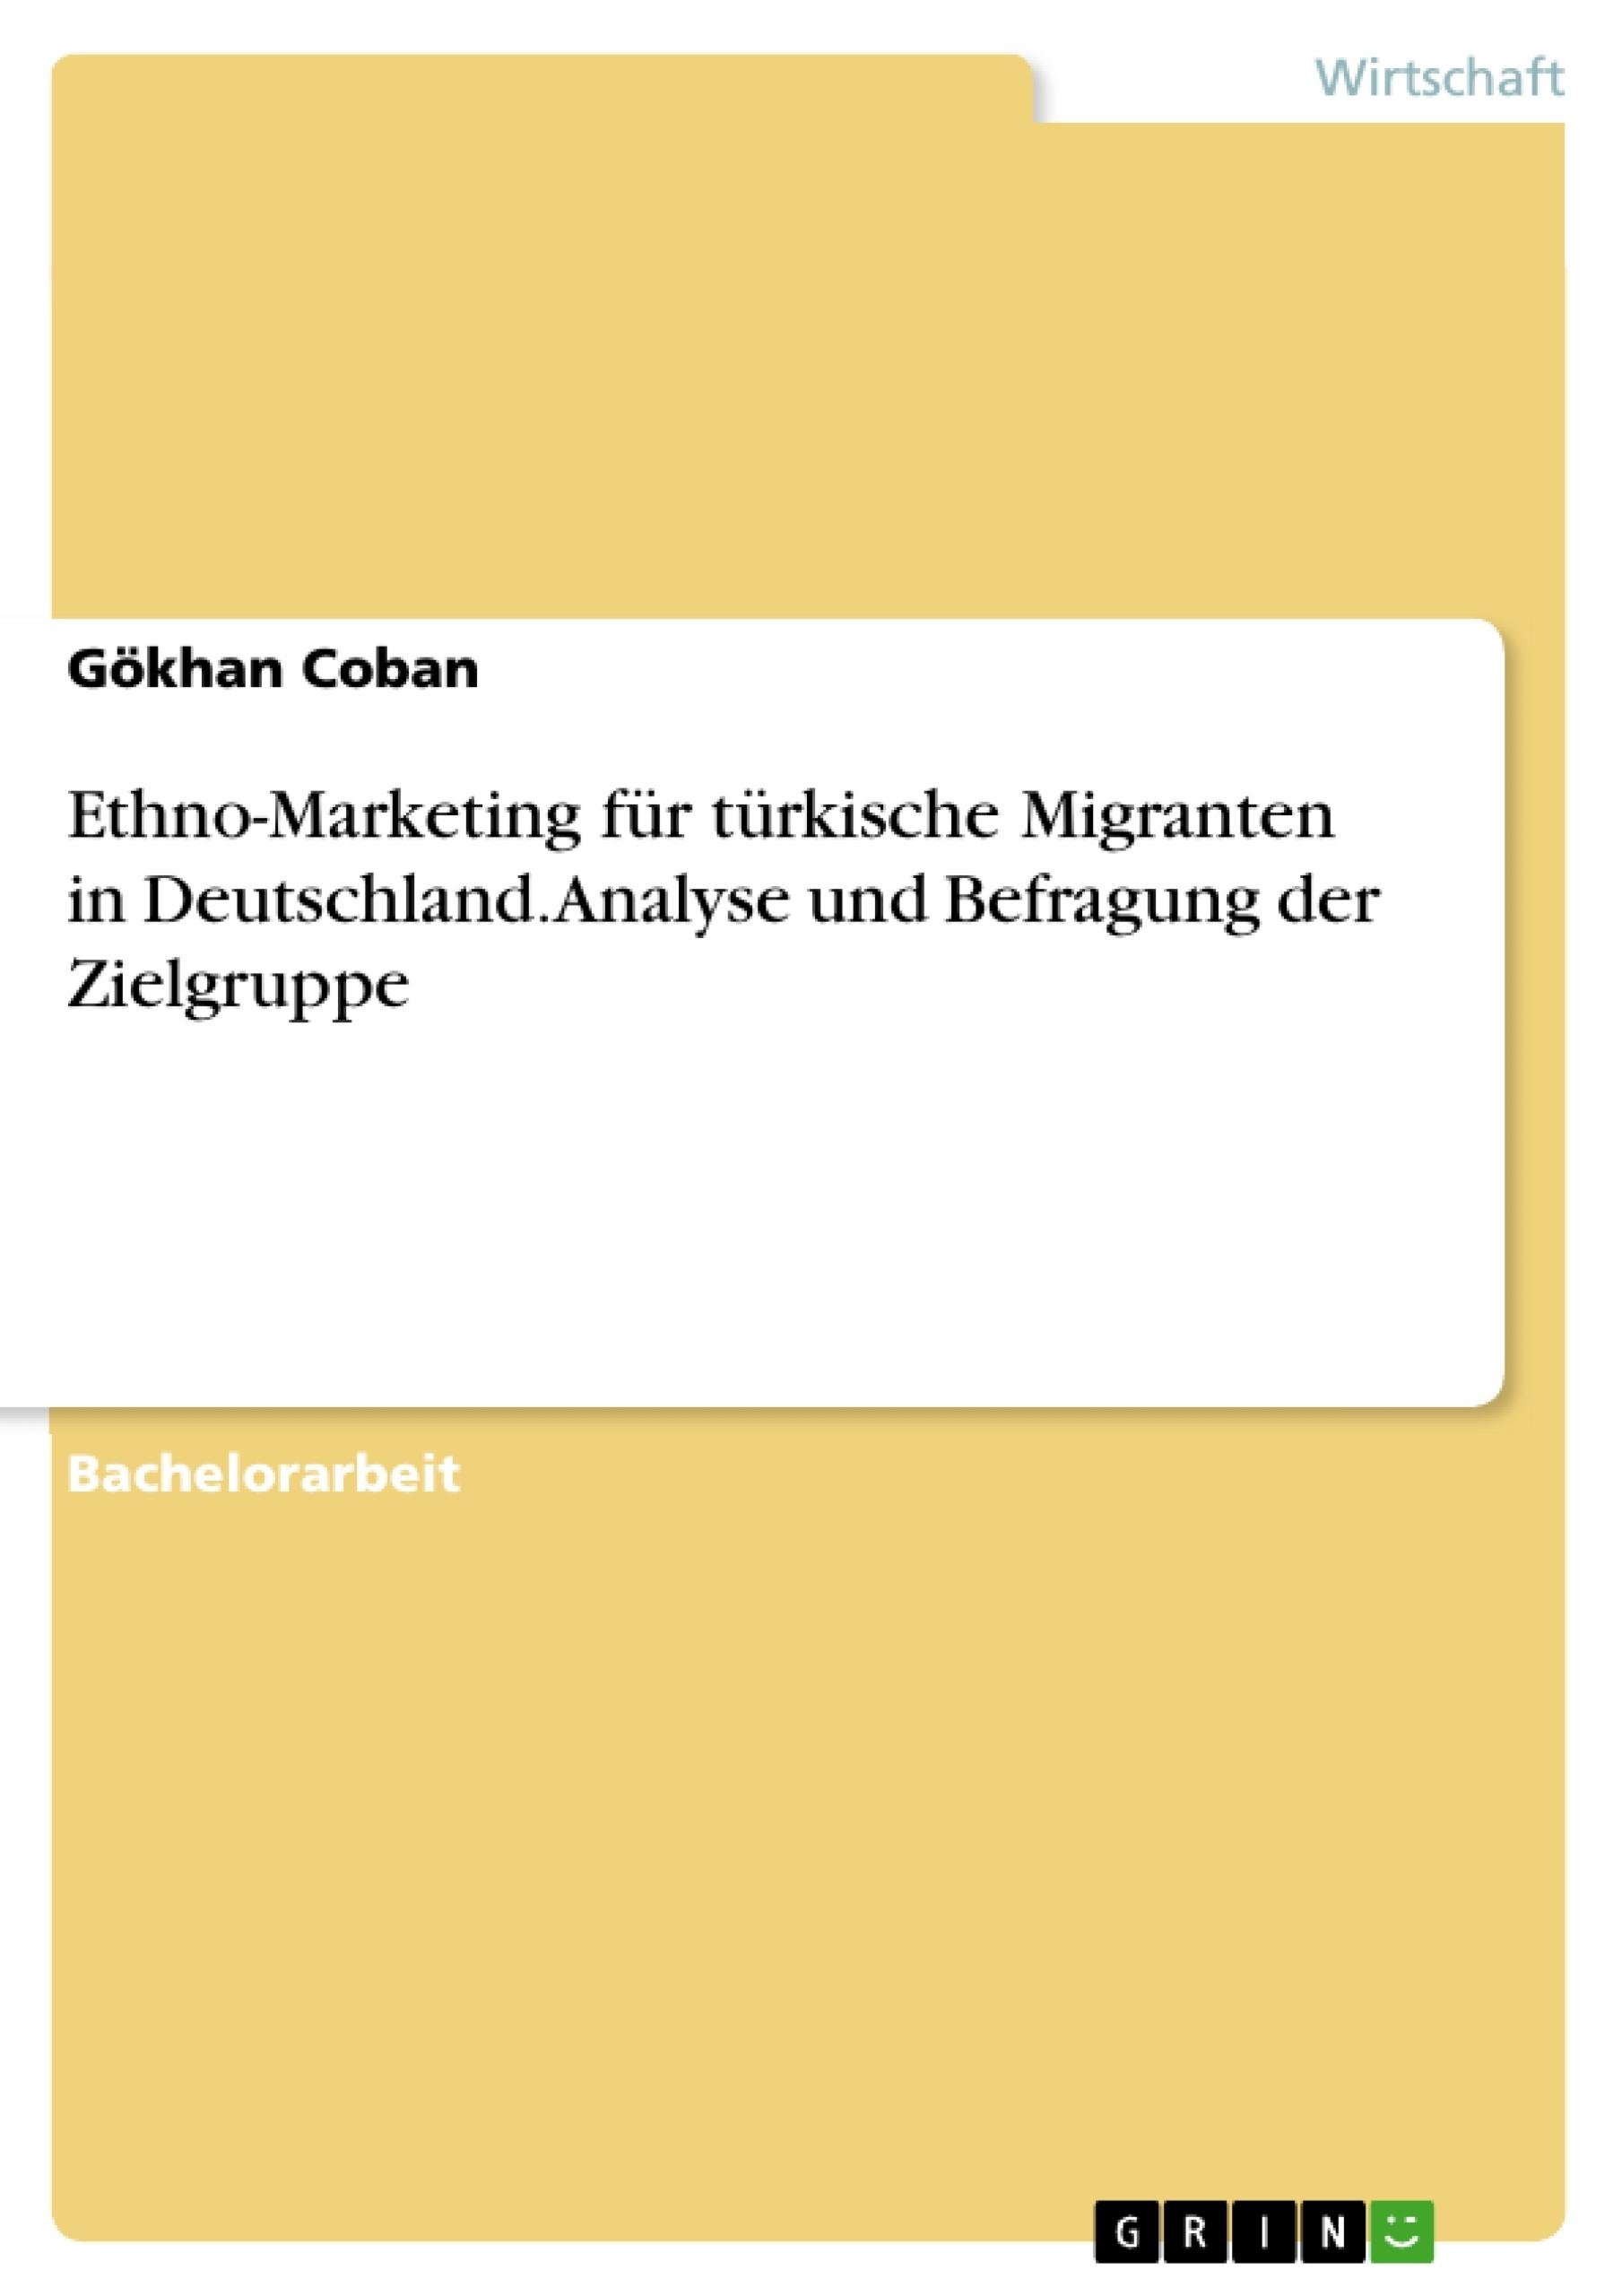 Titel: Ethno-Marketing für türkische Migranten in Deutschland. Analyse und Befragung der Zielgruppe